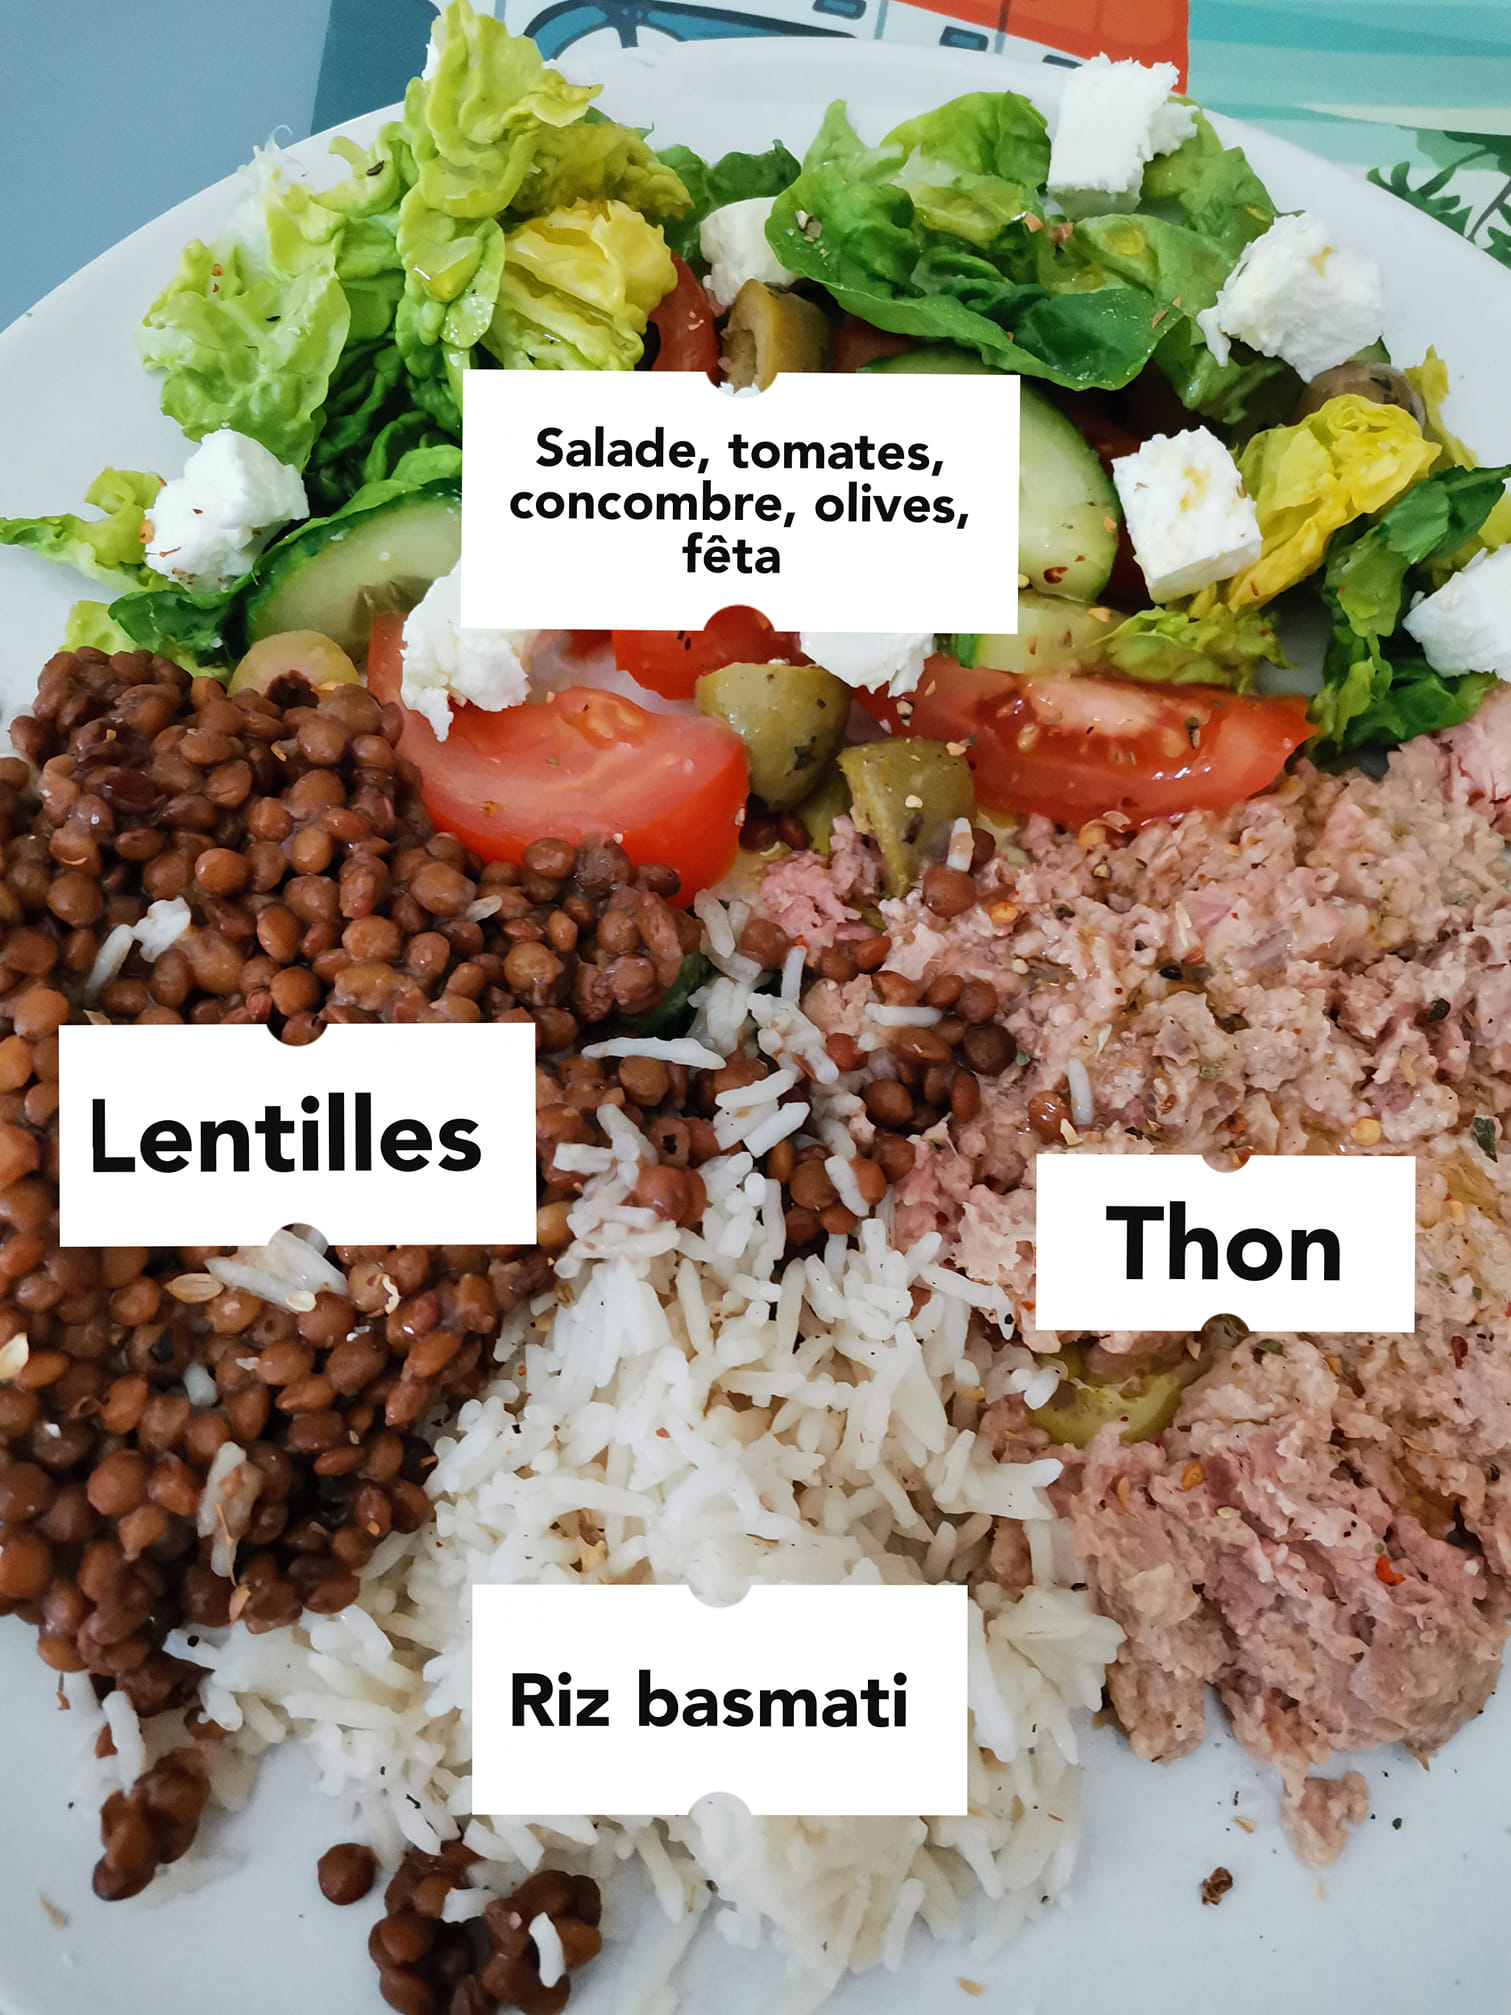 Idée repas prise de masse